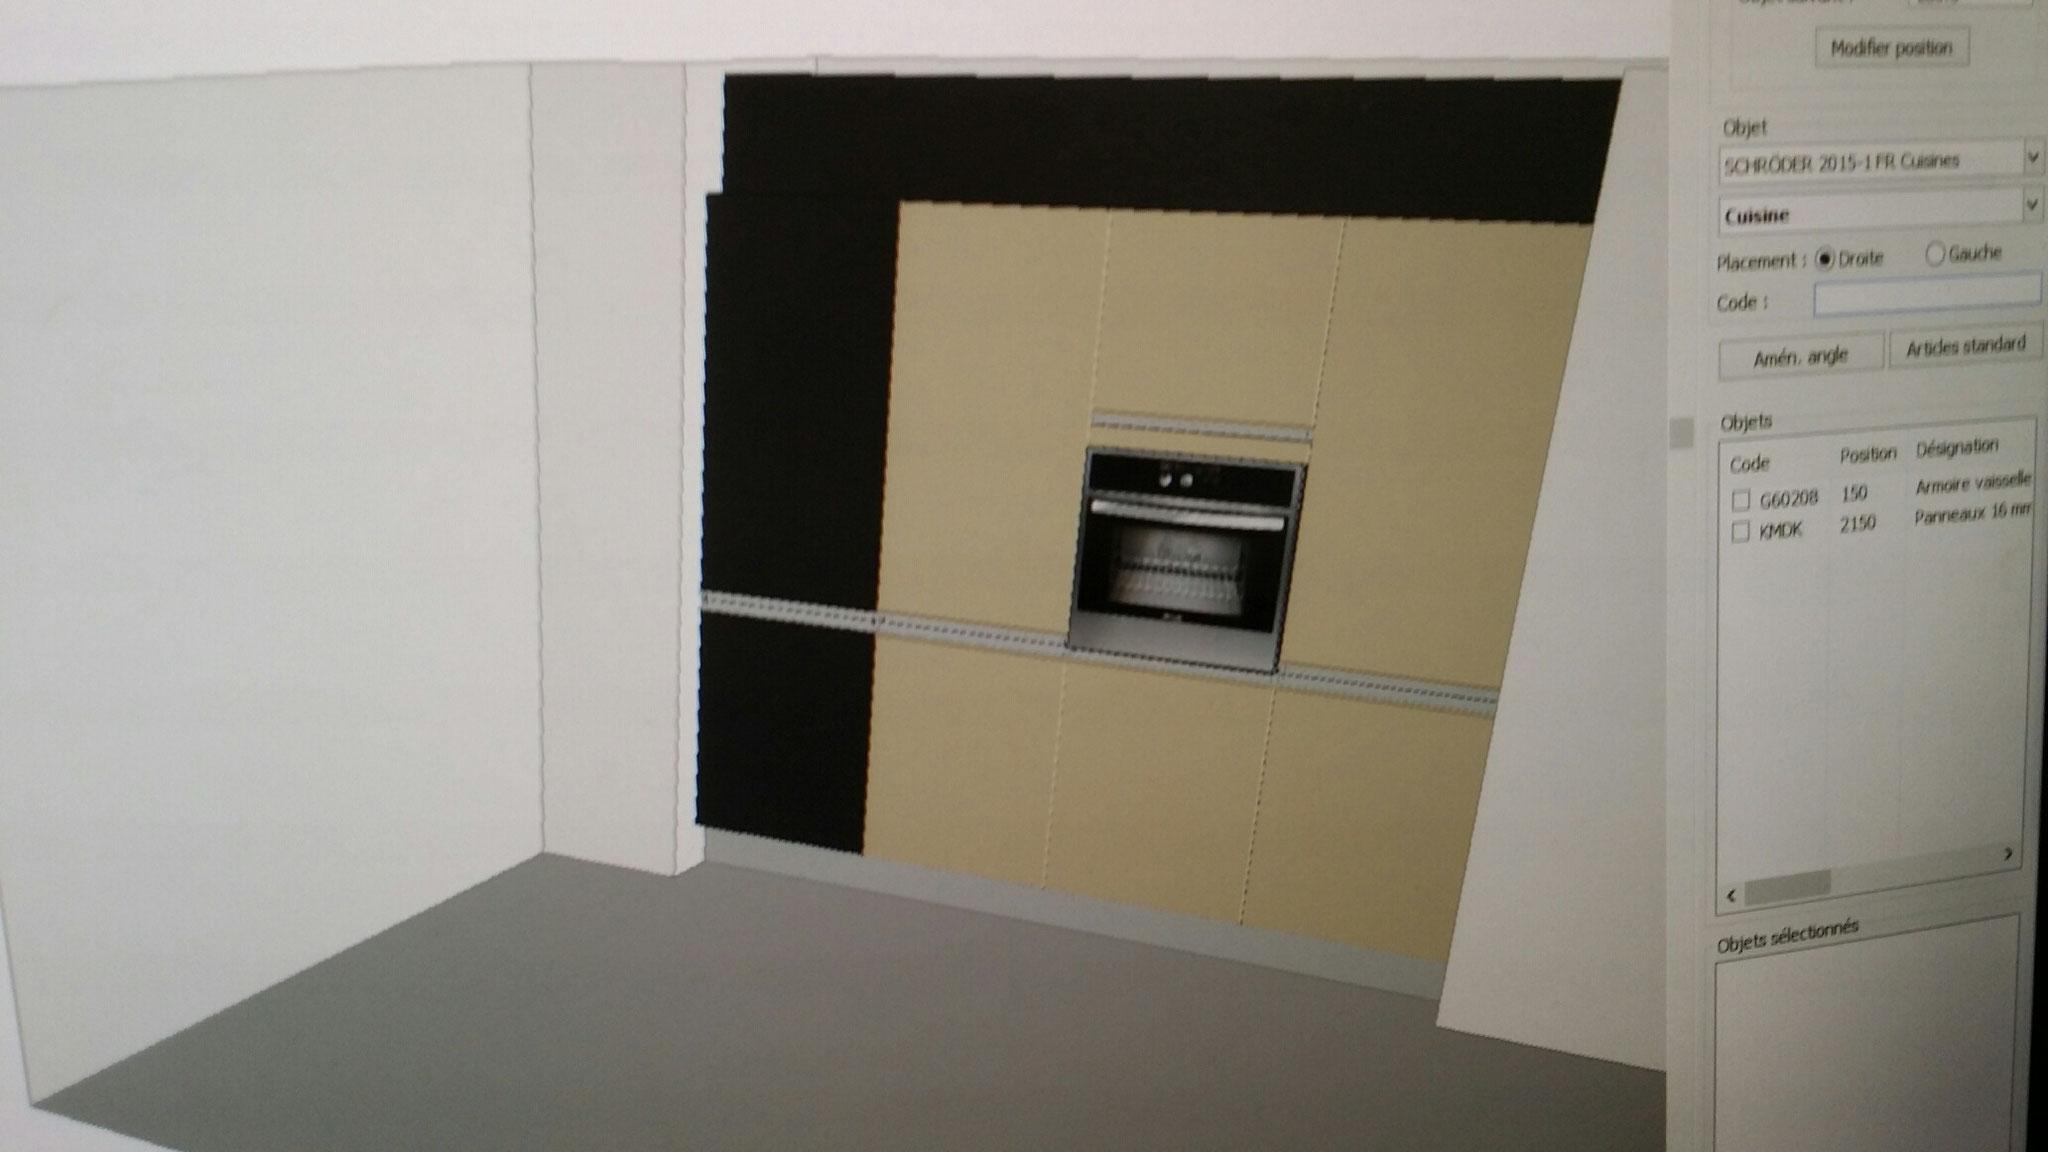 visuel du nouveau block d'armoire